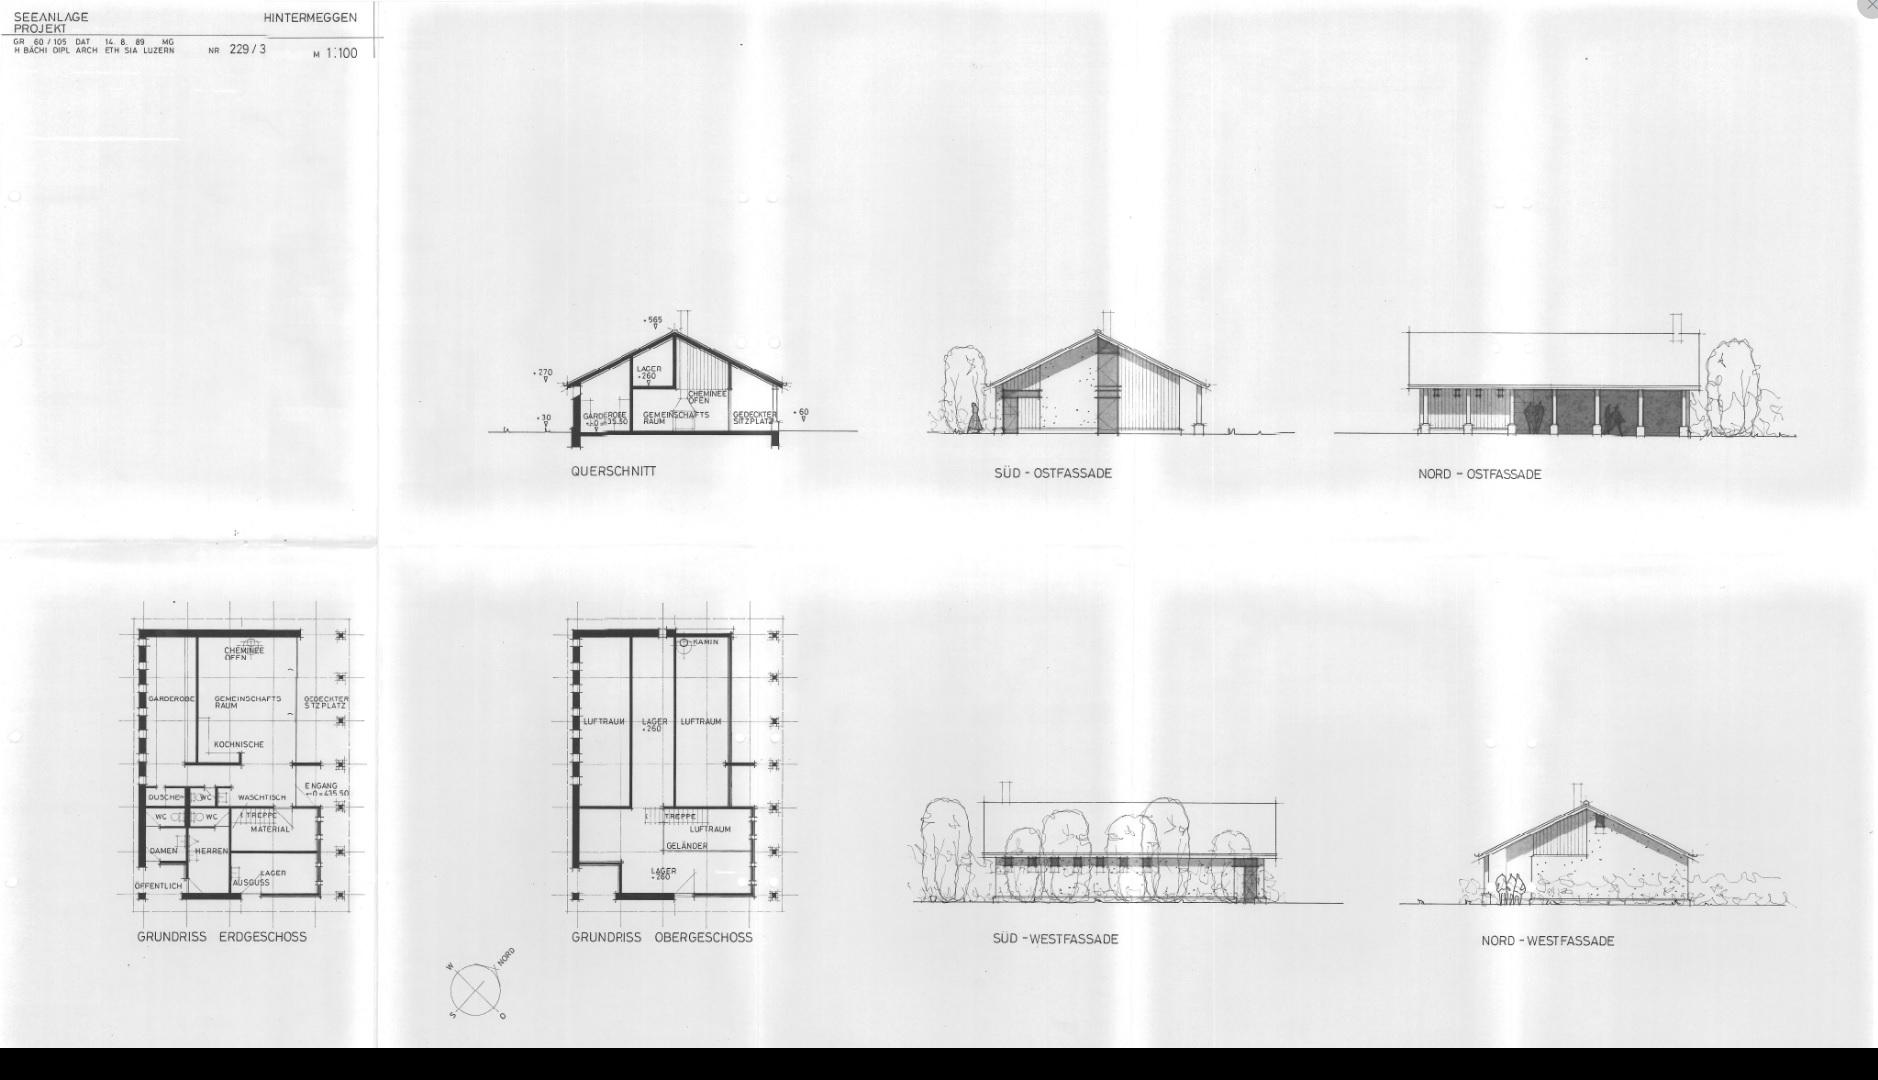 Historisch: Planung 1989 Übersicht – H. Bächi